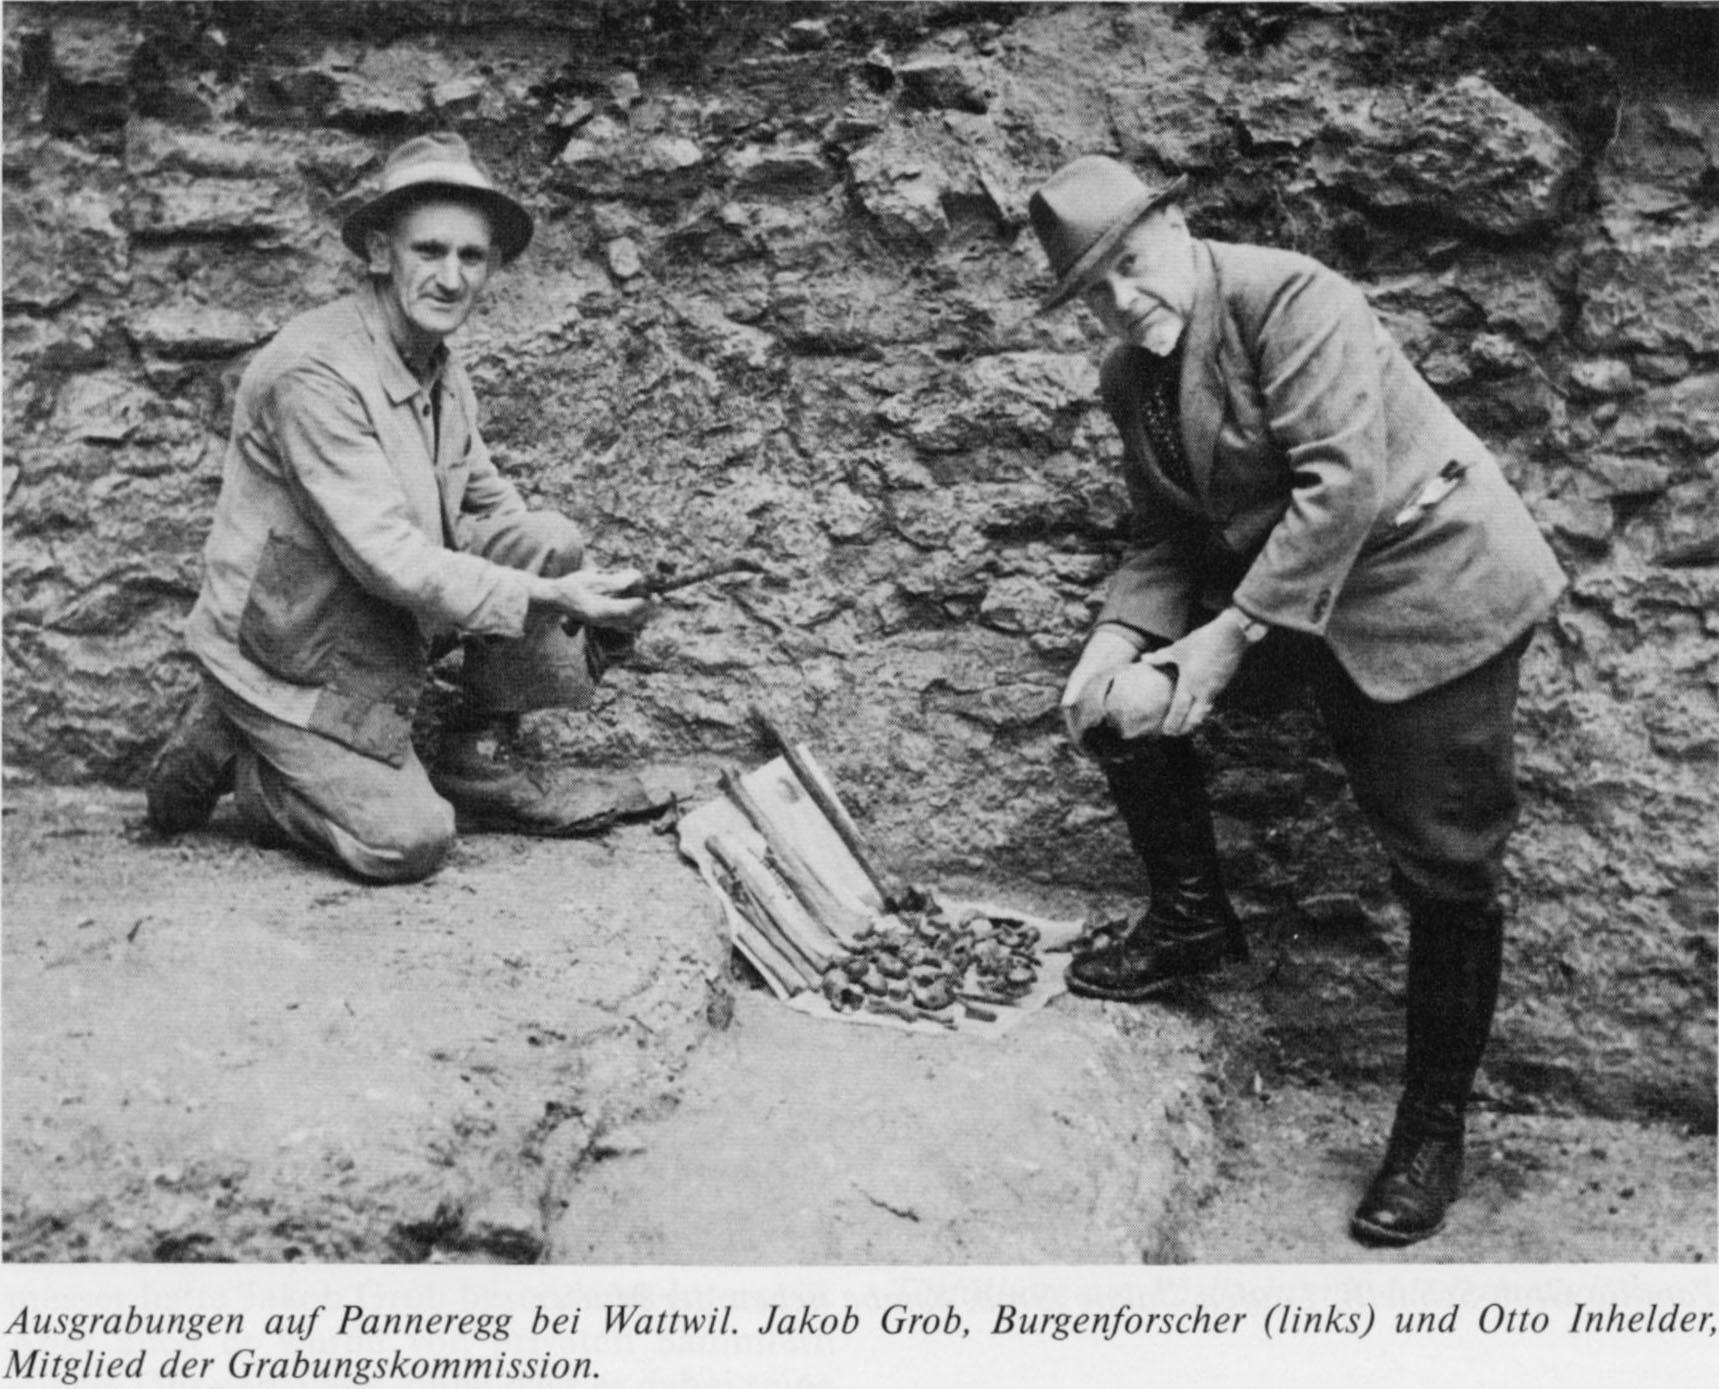 Jakob Grob (Burgenforscher) und Otto Inhelder